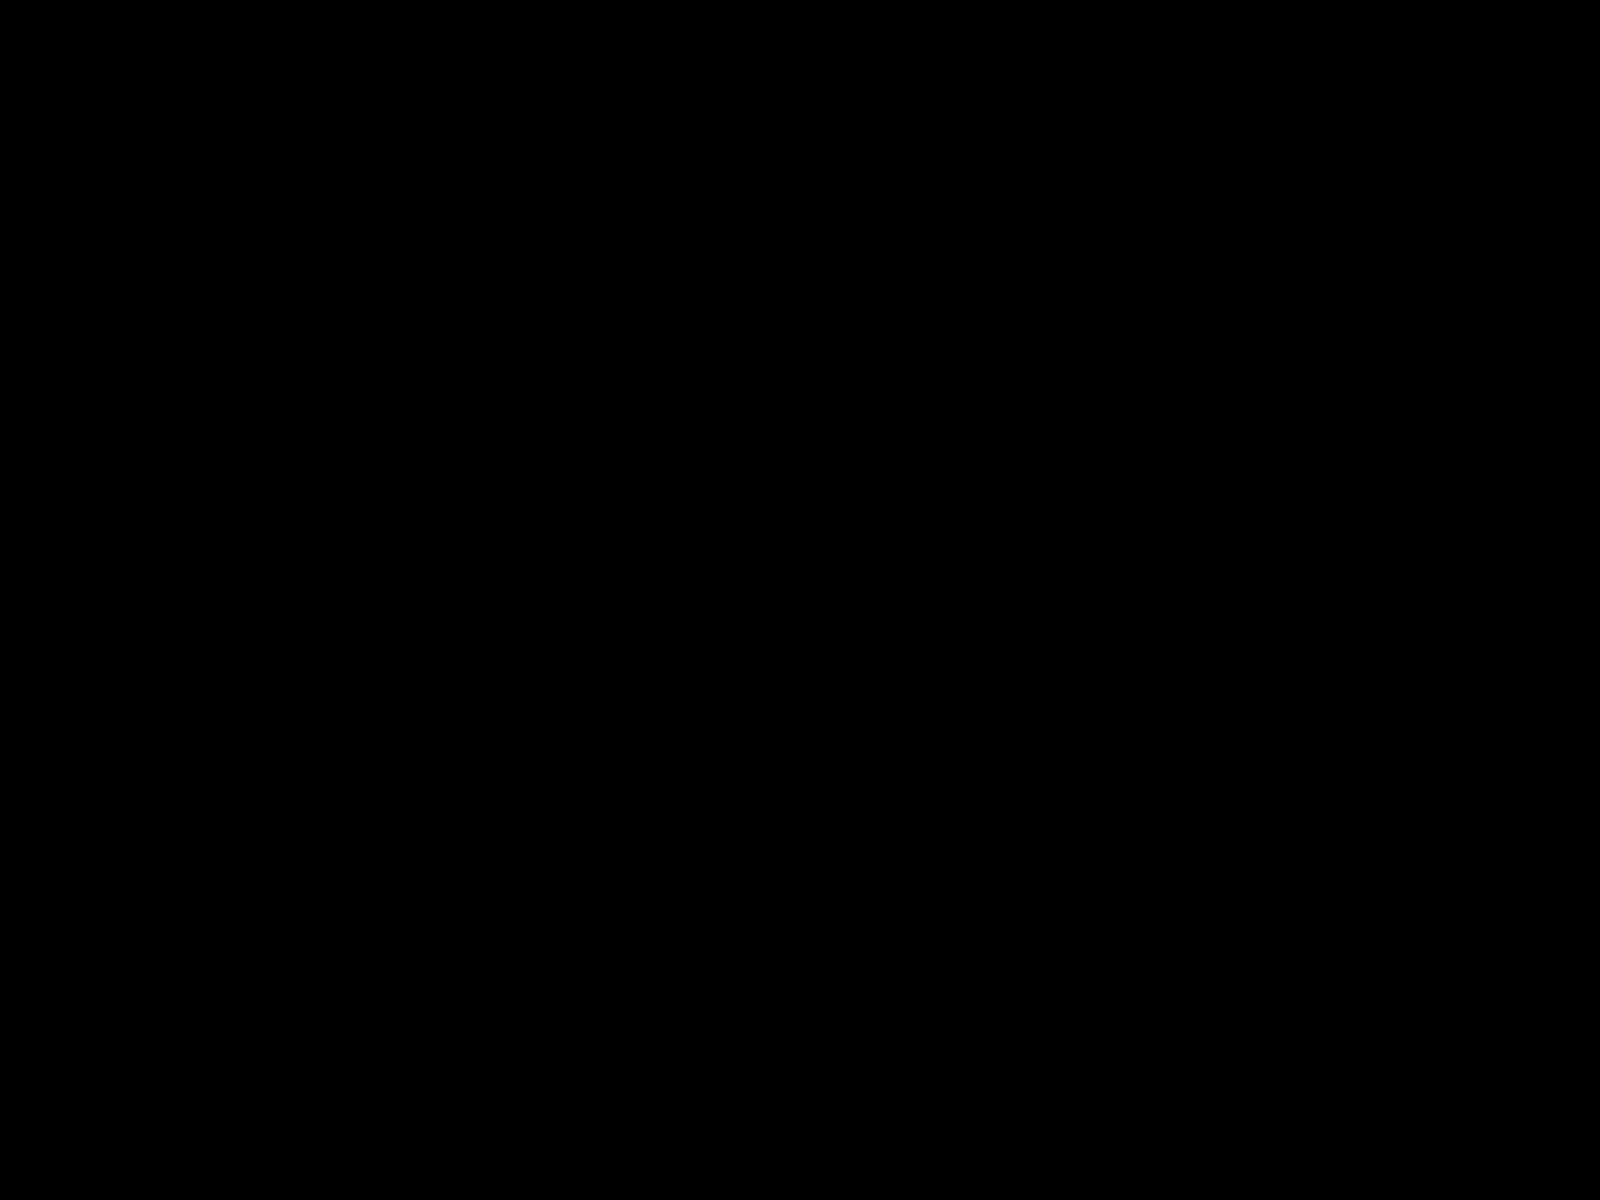 https://0901.nccdn.net/4_2/000/000/06c/bba/Aape-logo-1600x1200.png